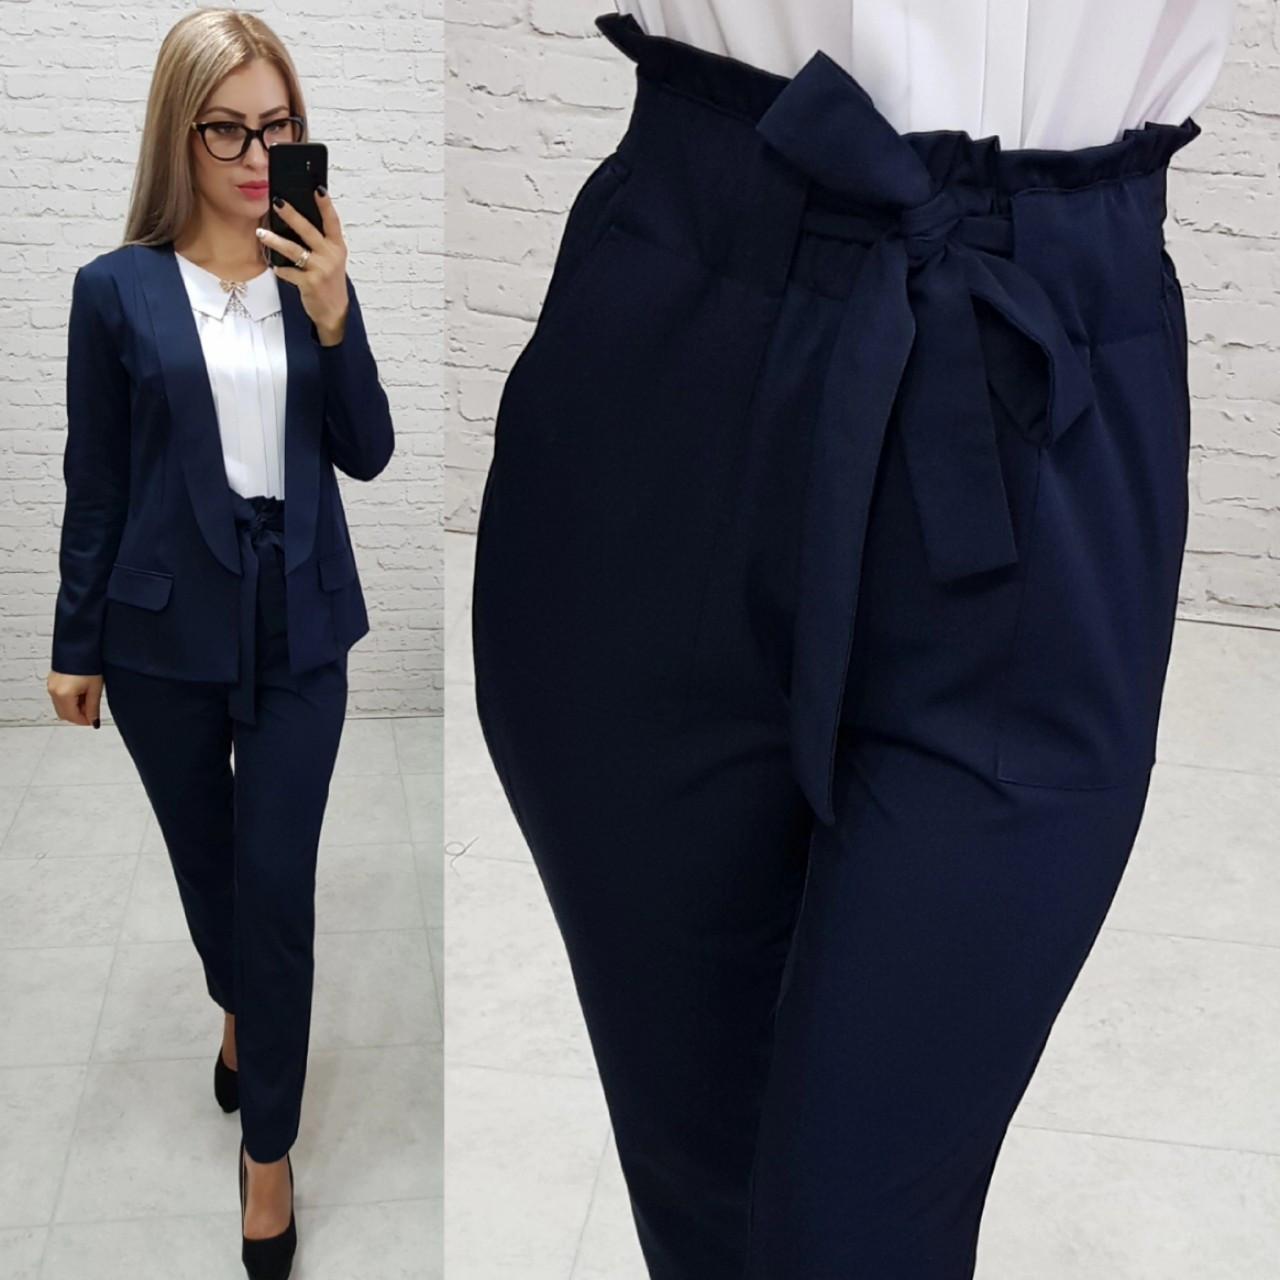 Костюм двойка Khan classic арт. 1 (жакет + брюки) темно синий / темно-синий / темно синего цвета